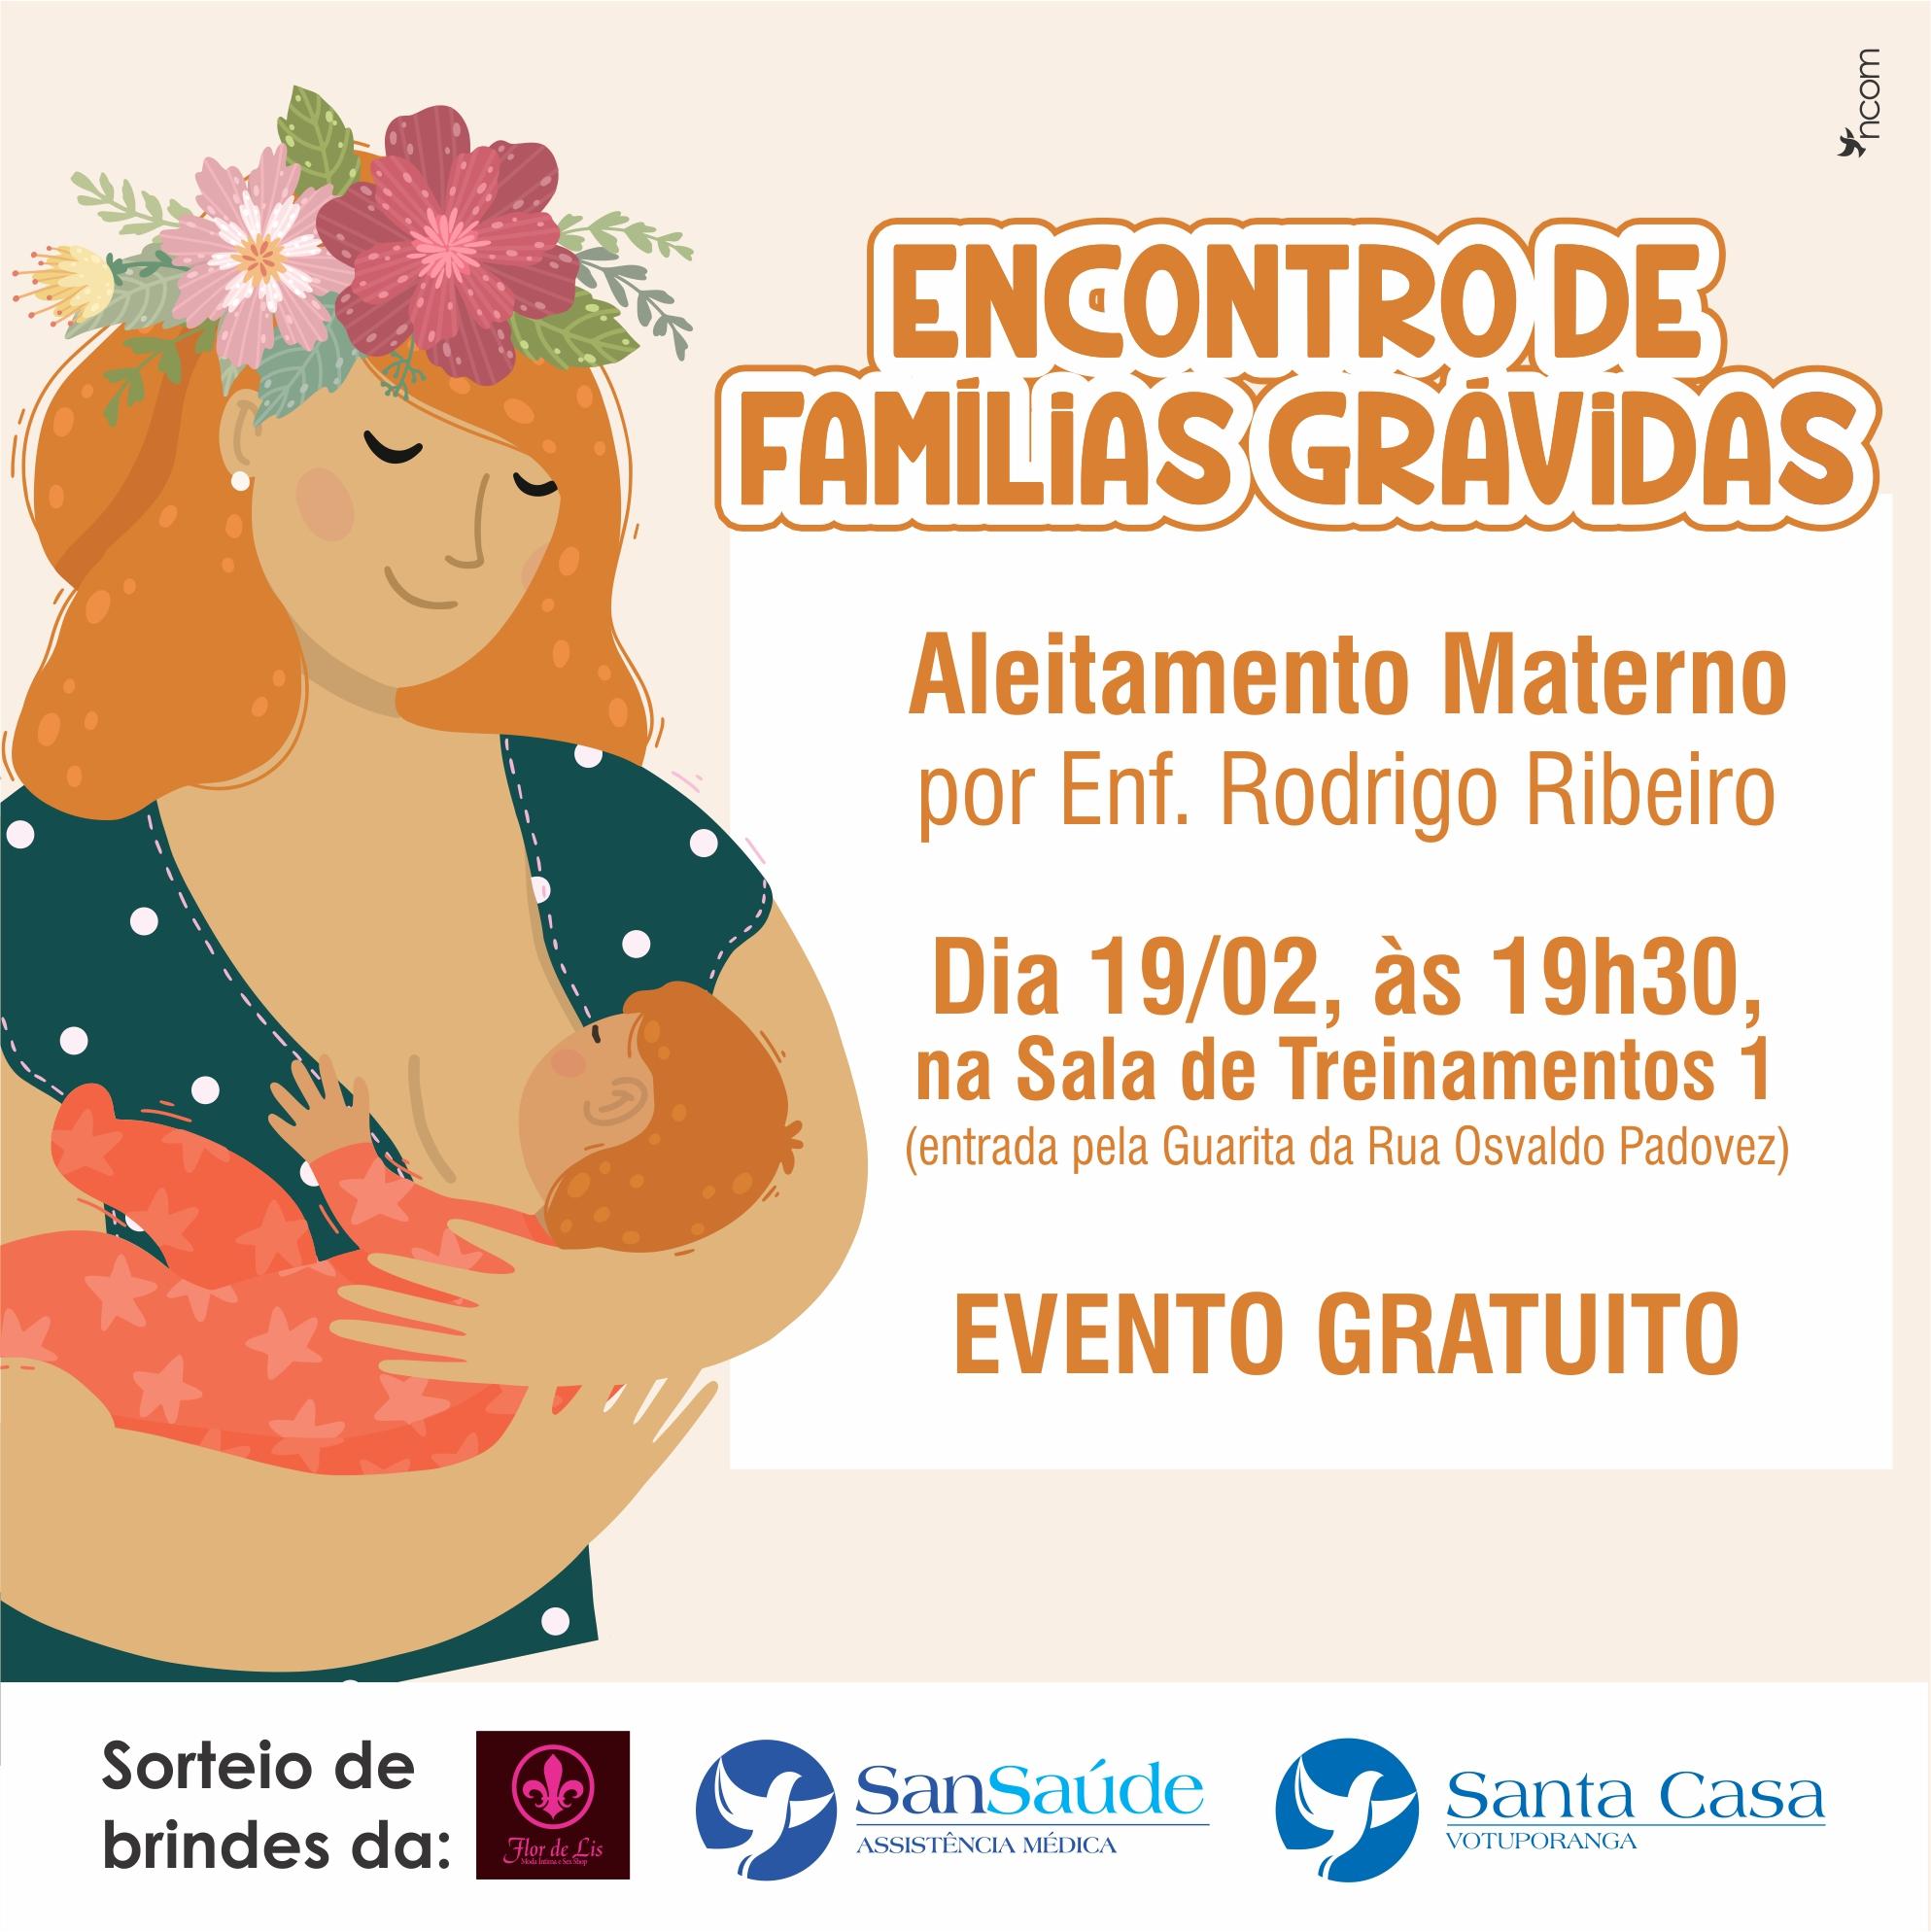 Encontro de Famílias Grávidas discute sobre aleitamento materno